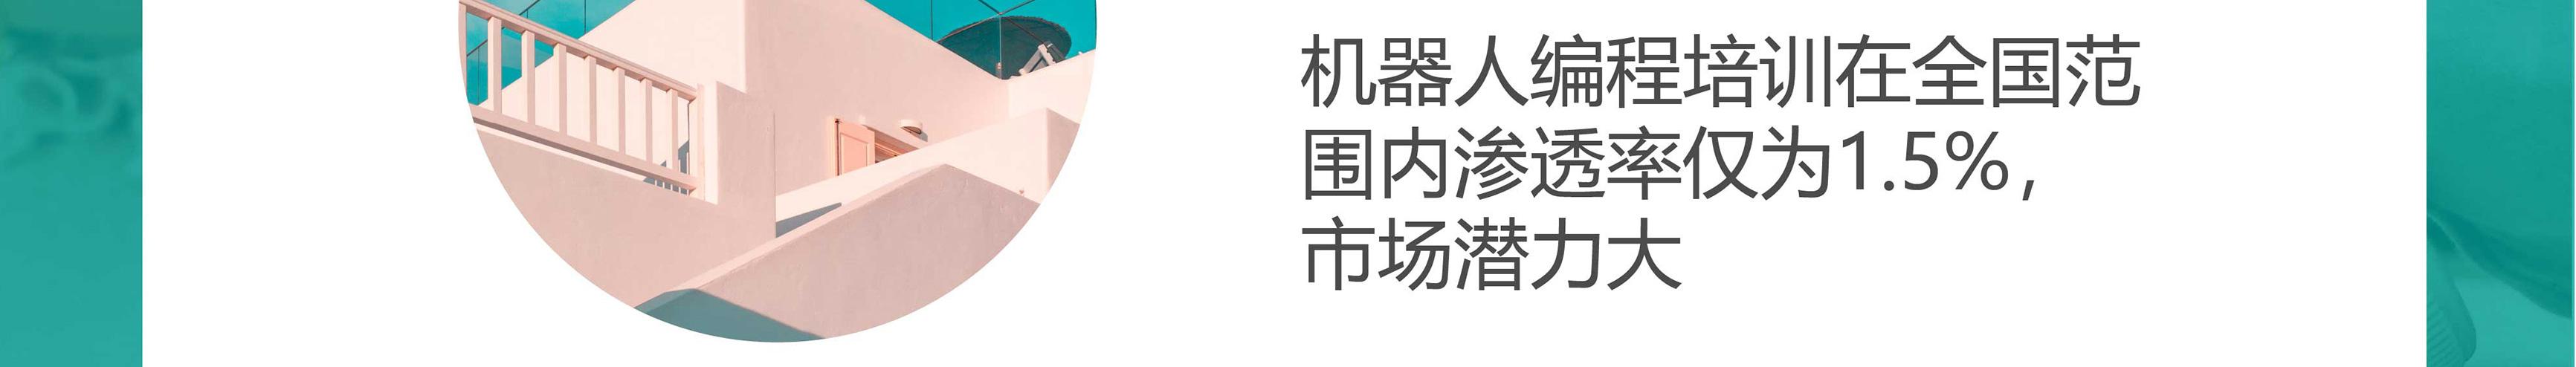 傲小码机器人编程20210818傲小码网站新_16